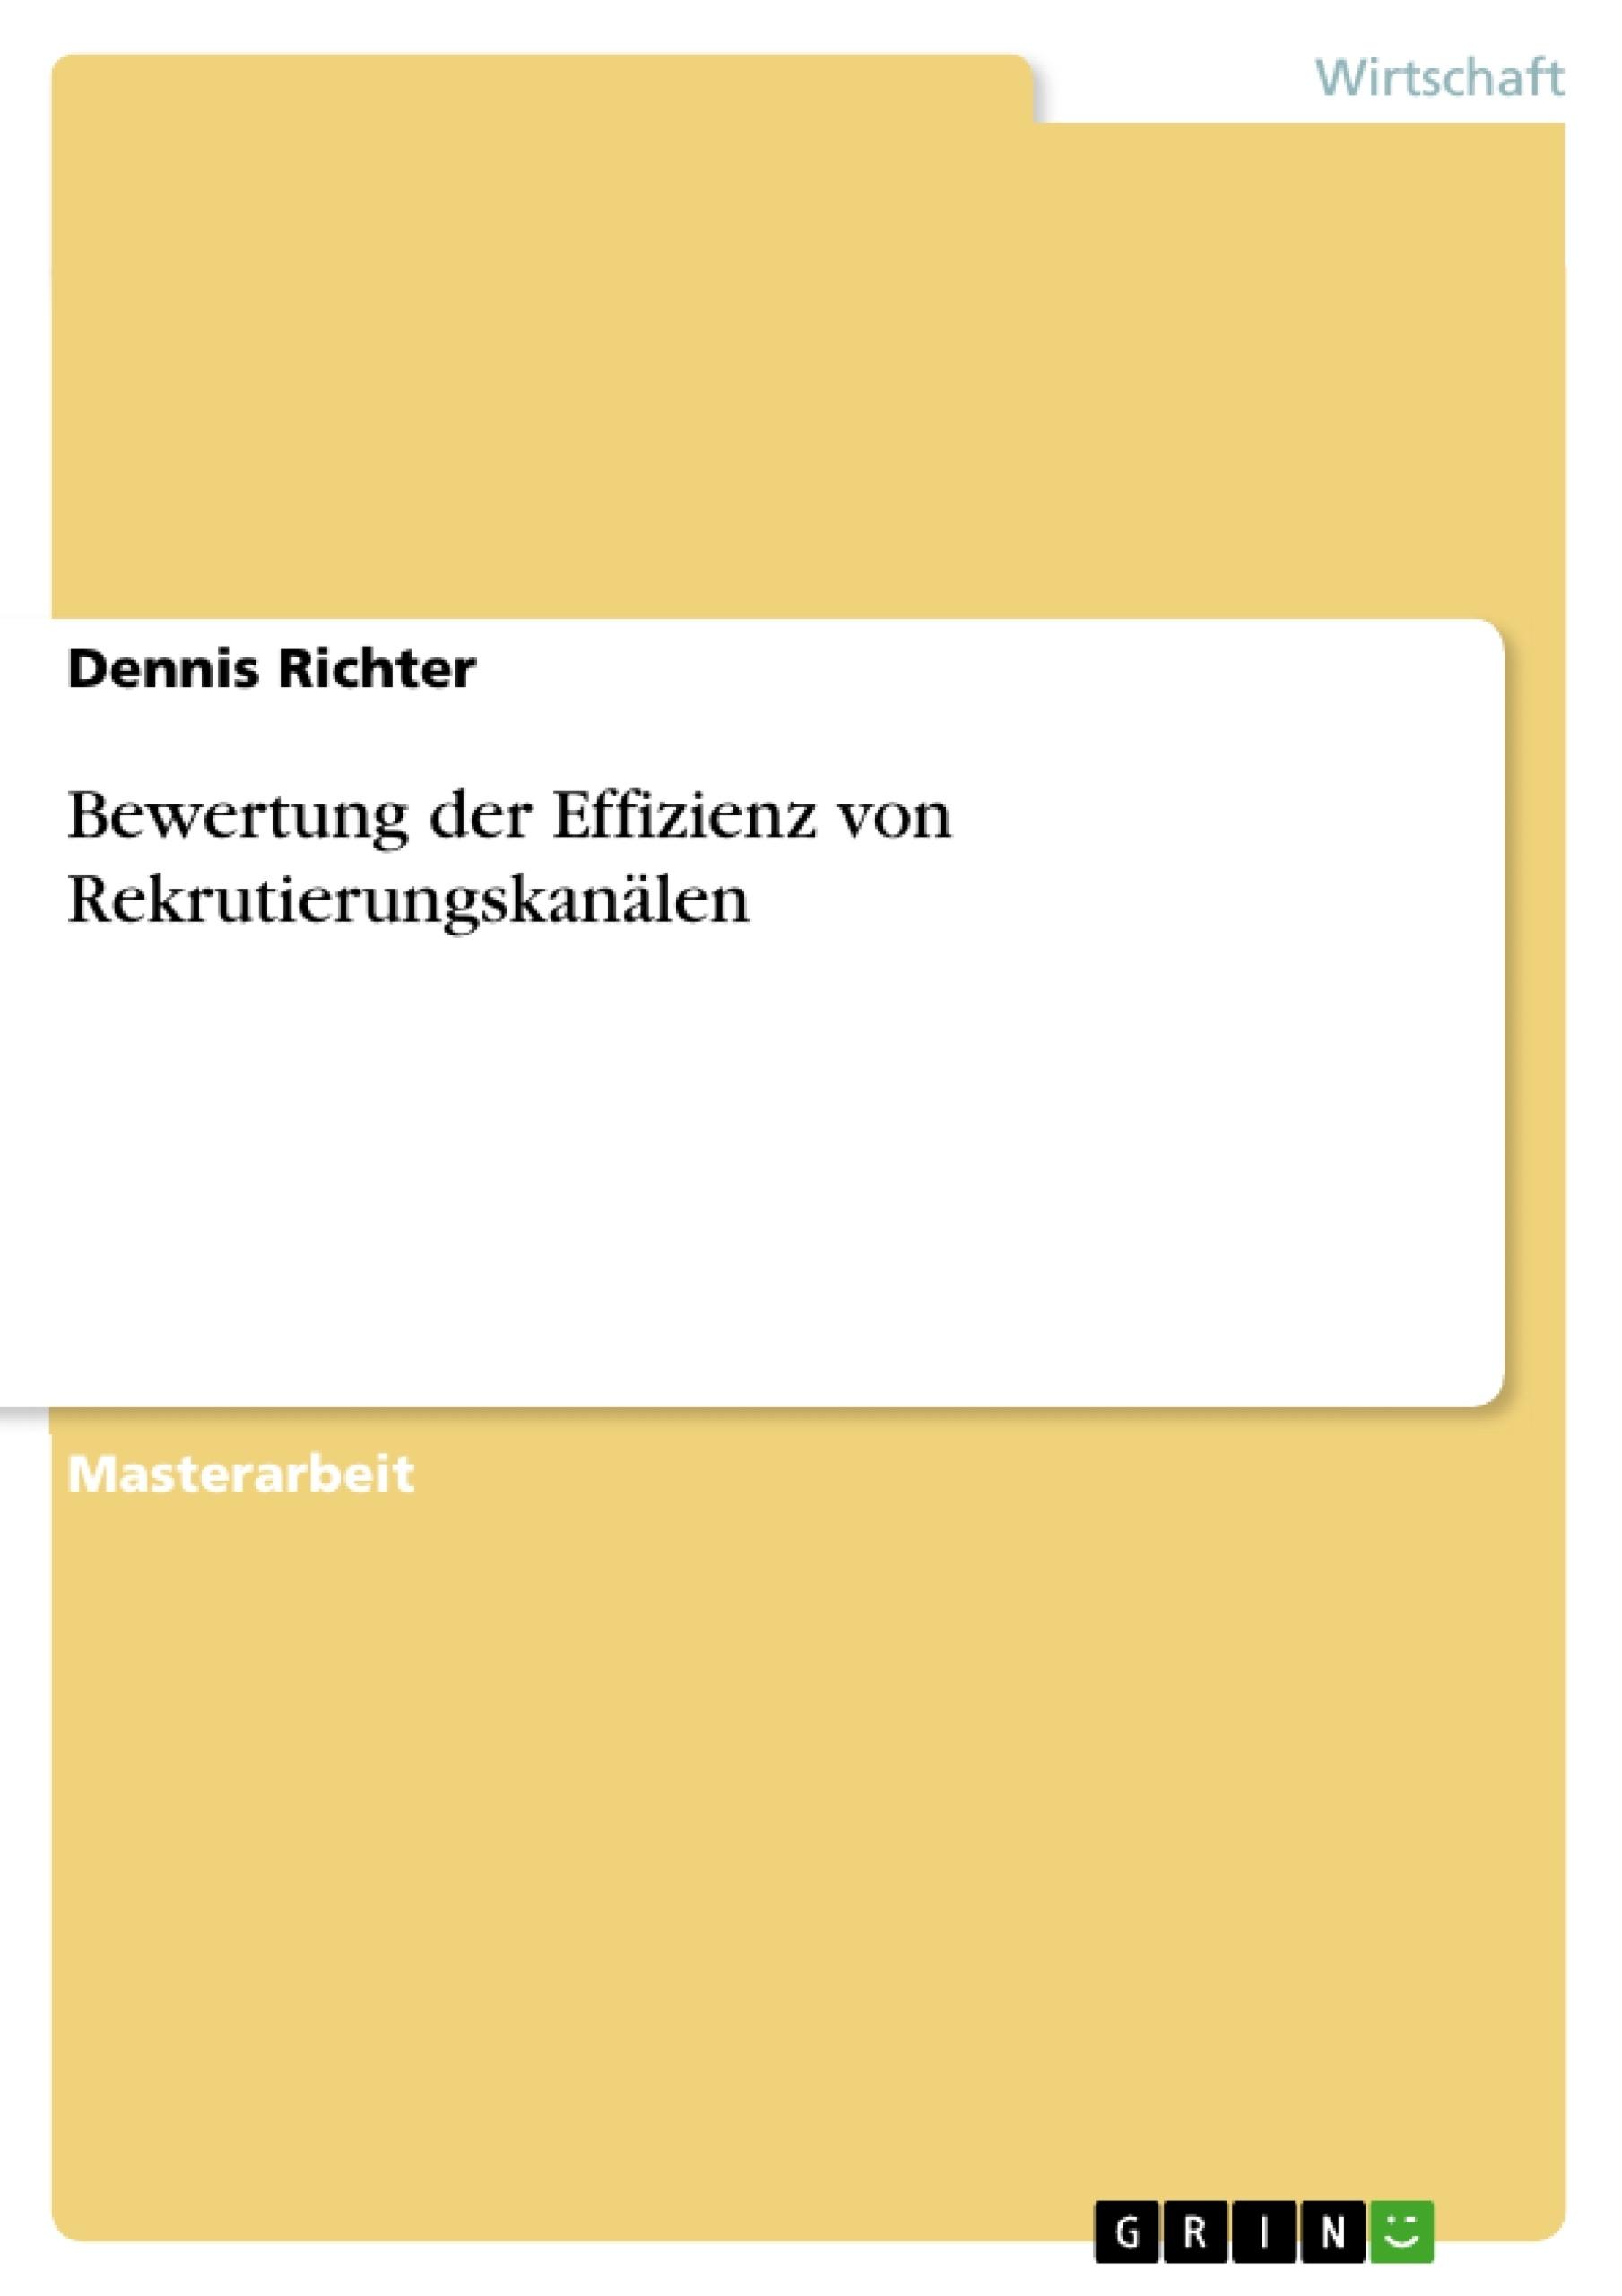 Titel: Bewertung der Effizienz von Rekrutierungskanälen